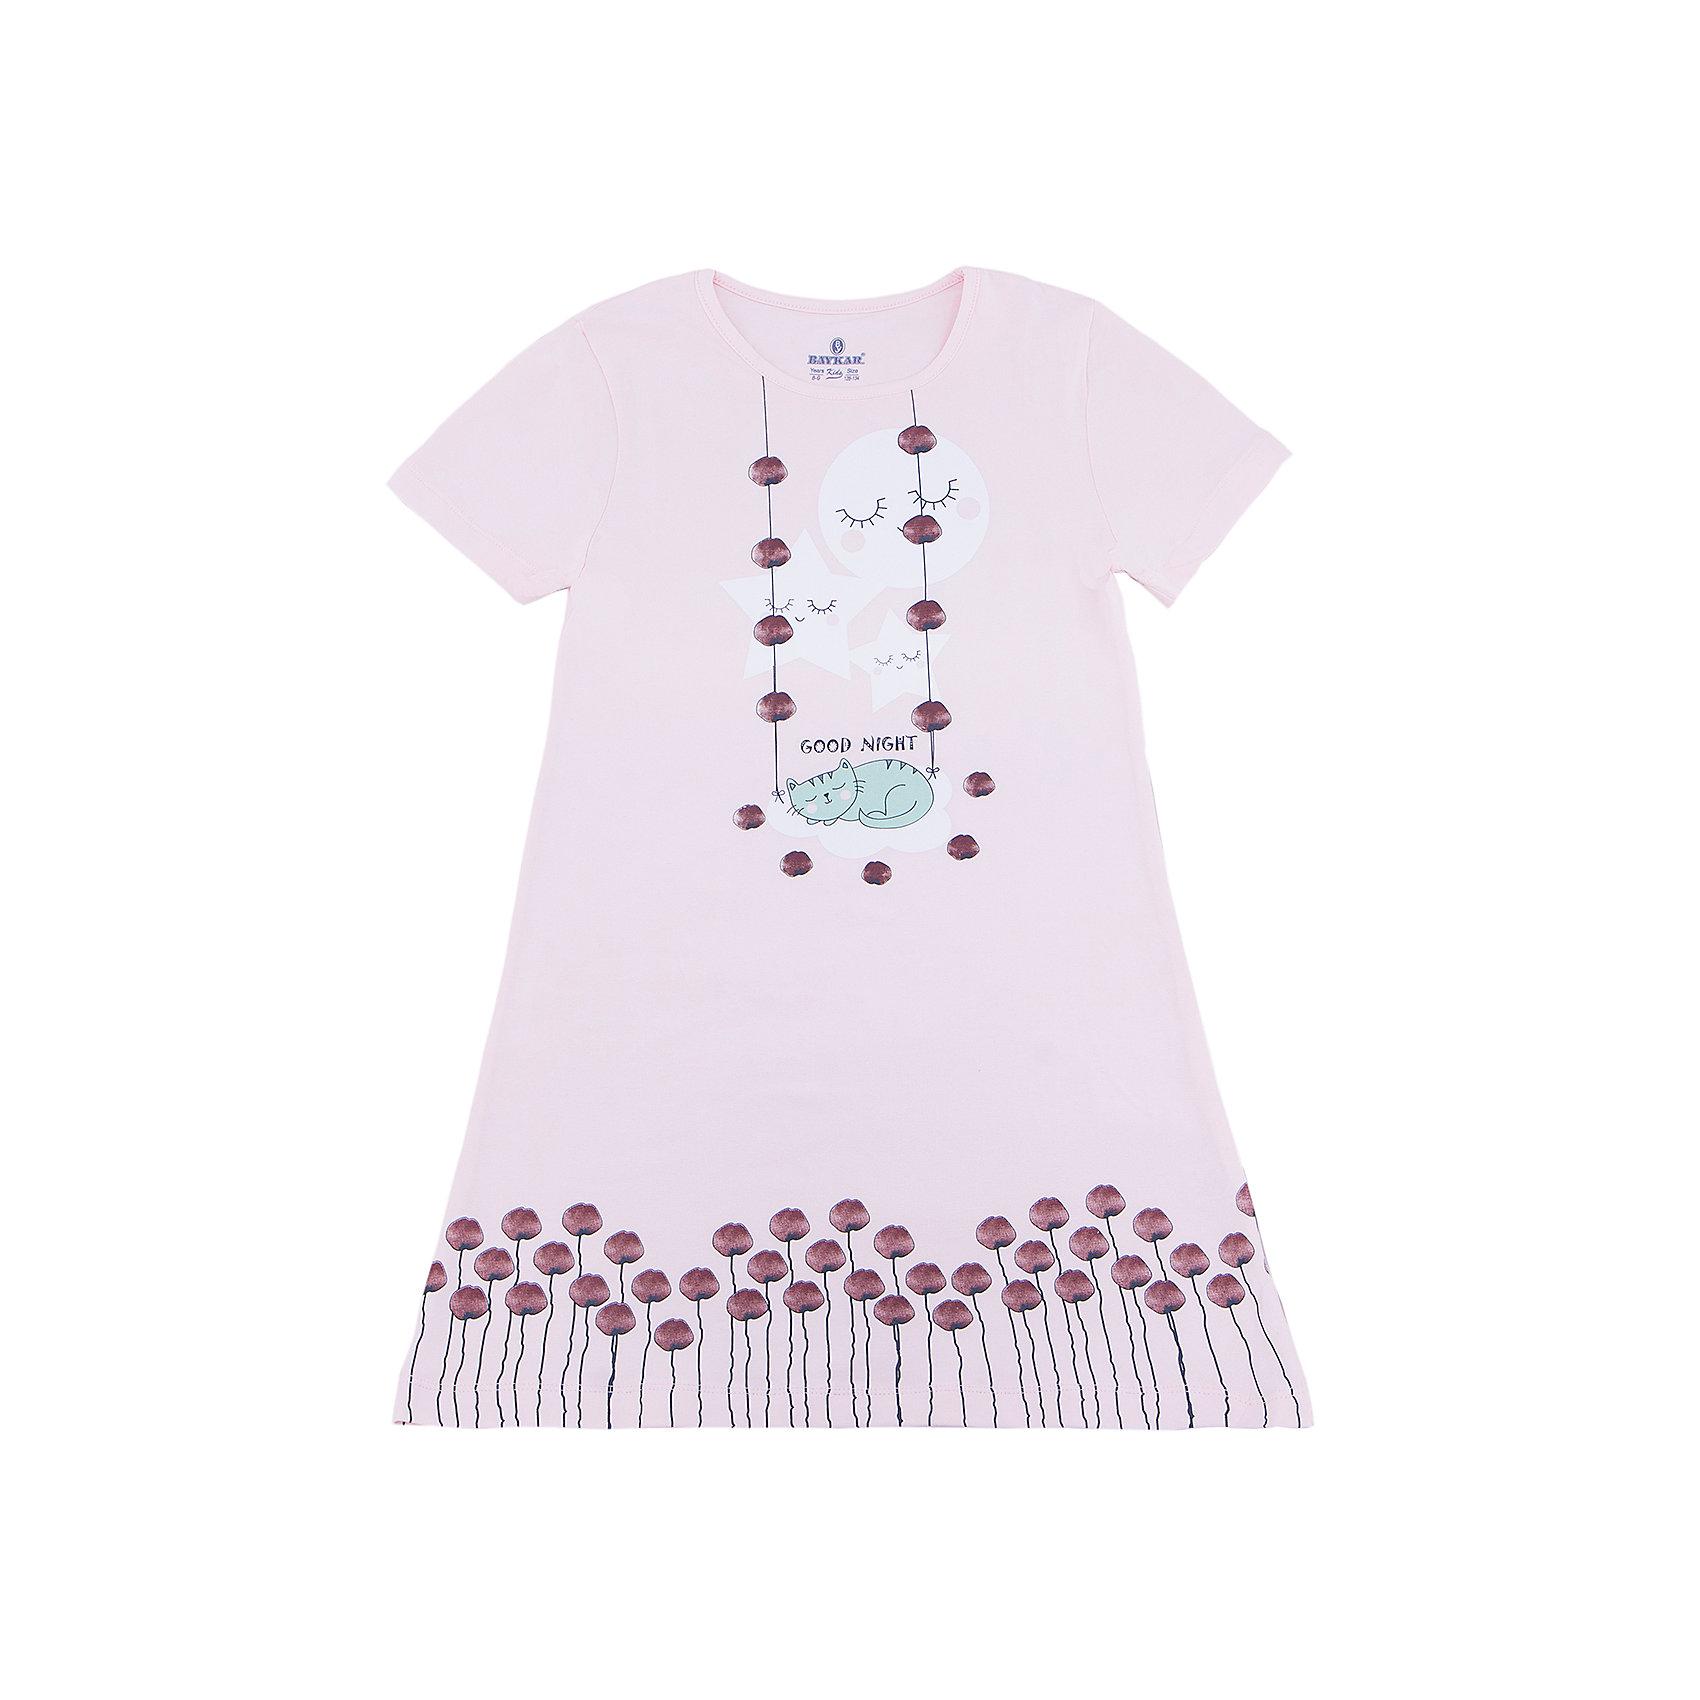 Сорочка для девочки BaykarПижамы и сорочки<br>Характеристики товара:<br><br>• цвет: розовый<br>• состав ткани: 95% хлопок; 5% эластан<br>• короткие рукава<br>• сезон: круглый год<br>• страна бренда: Турция<br>• страна изготовитель: Турция<br><br>Хлопковая сорочка для девочки Baykar украшена симпатичным принтом. Она сделана из мягкого дышащего материала. <br><br>Мягкая отделка краев и продуманный крой обеспечивают комфортную посадку. Розовая сорочка для девочки позволяет обеспечить комфортный сон.<br><br>Сорочку для девочки Baykar (Байкар) можно купить в нашем интернет-магазине.<br><br>Ширина мм: 281<br>Глубина мм: 70<br>Высота мм: 188<br>Вес г: 295<br>Цвет: розовый<br>Возраст от месяцев: 108<br>Возраст до месяцев: 120<br>Пол: Женский<br>Возраст: Детский<br>Размер: 134/140,140/146,122/128,128/134<br>SKU: 6764886